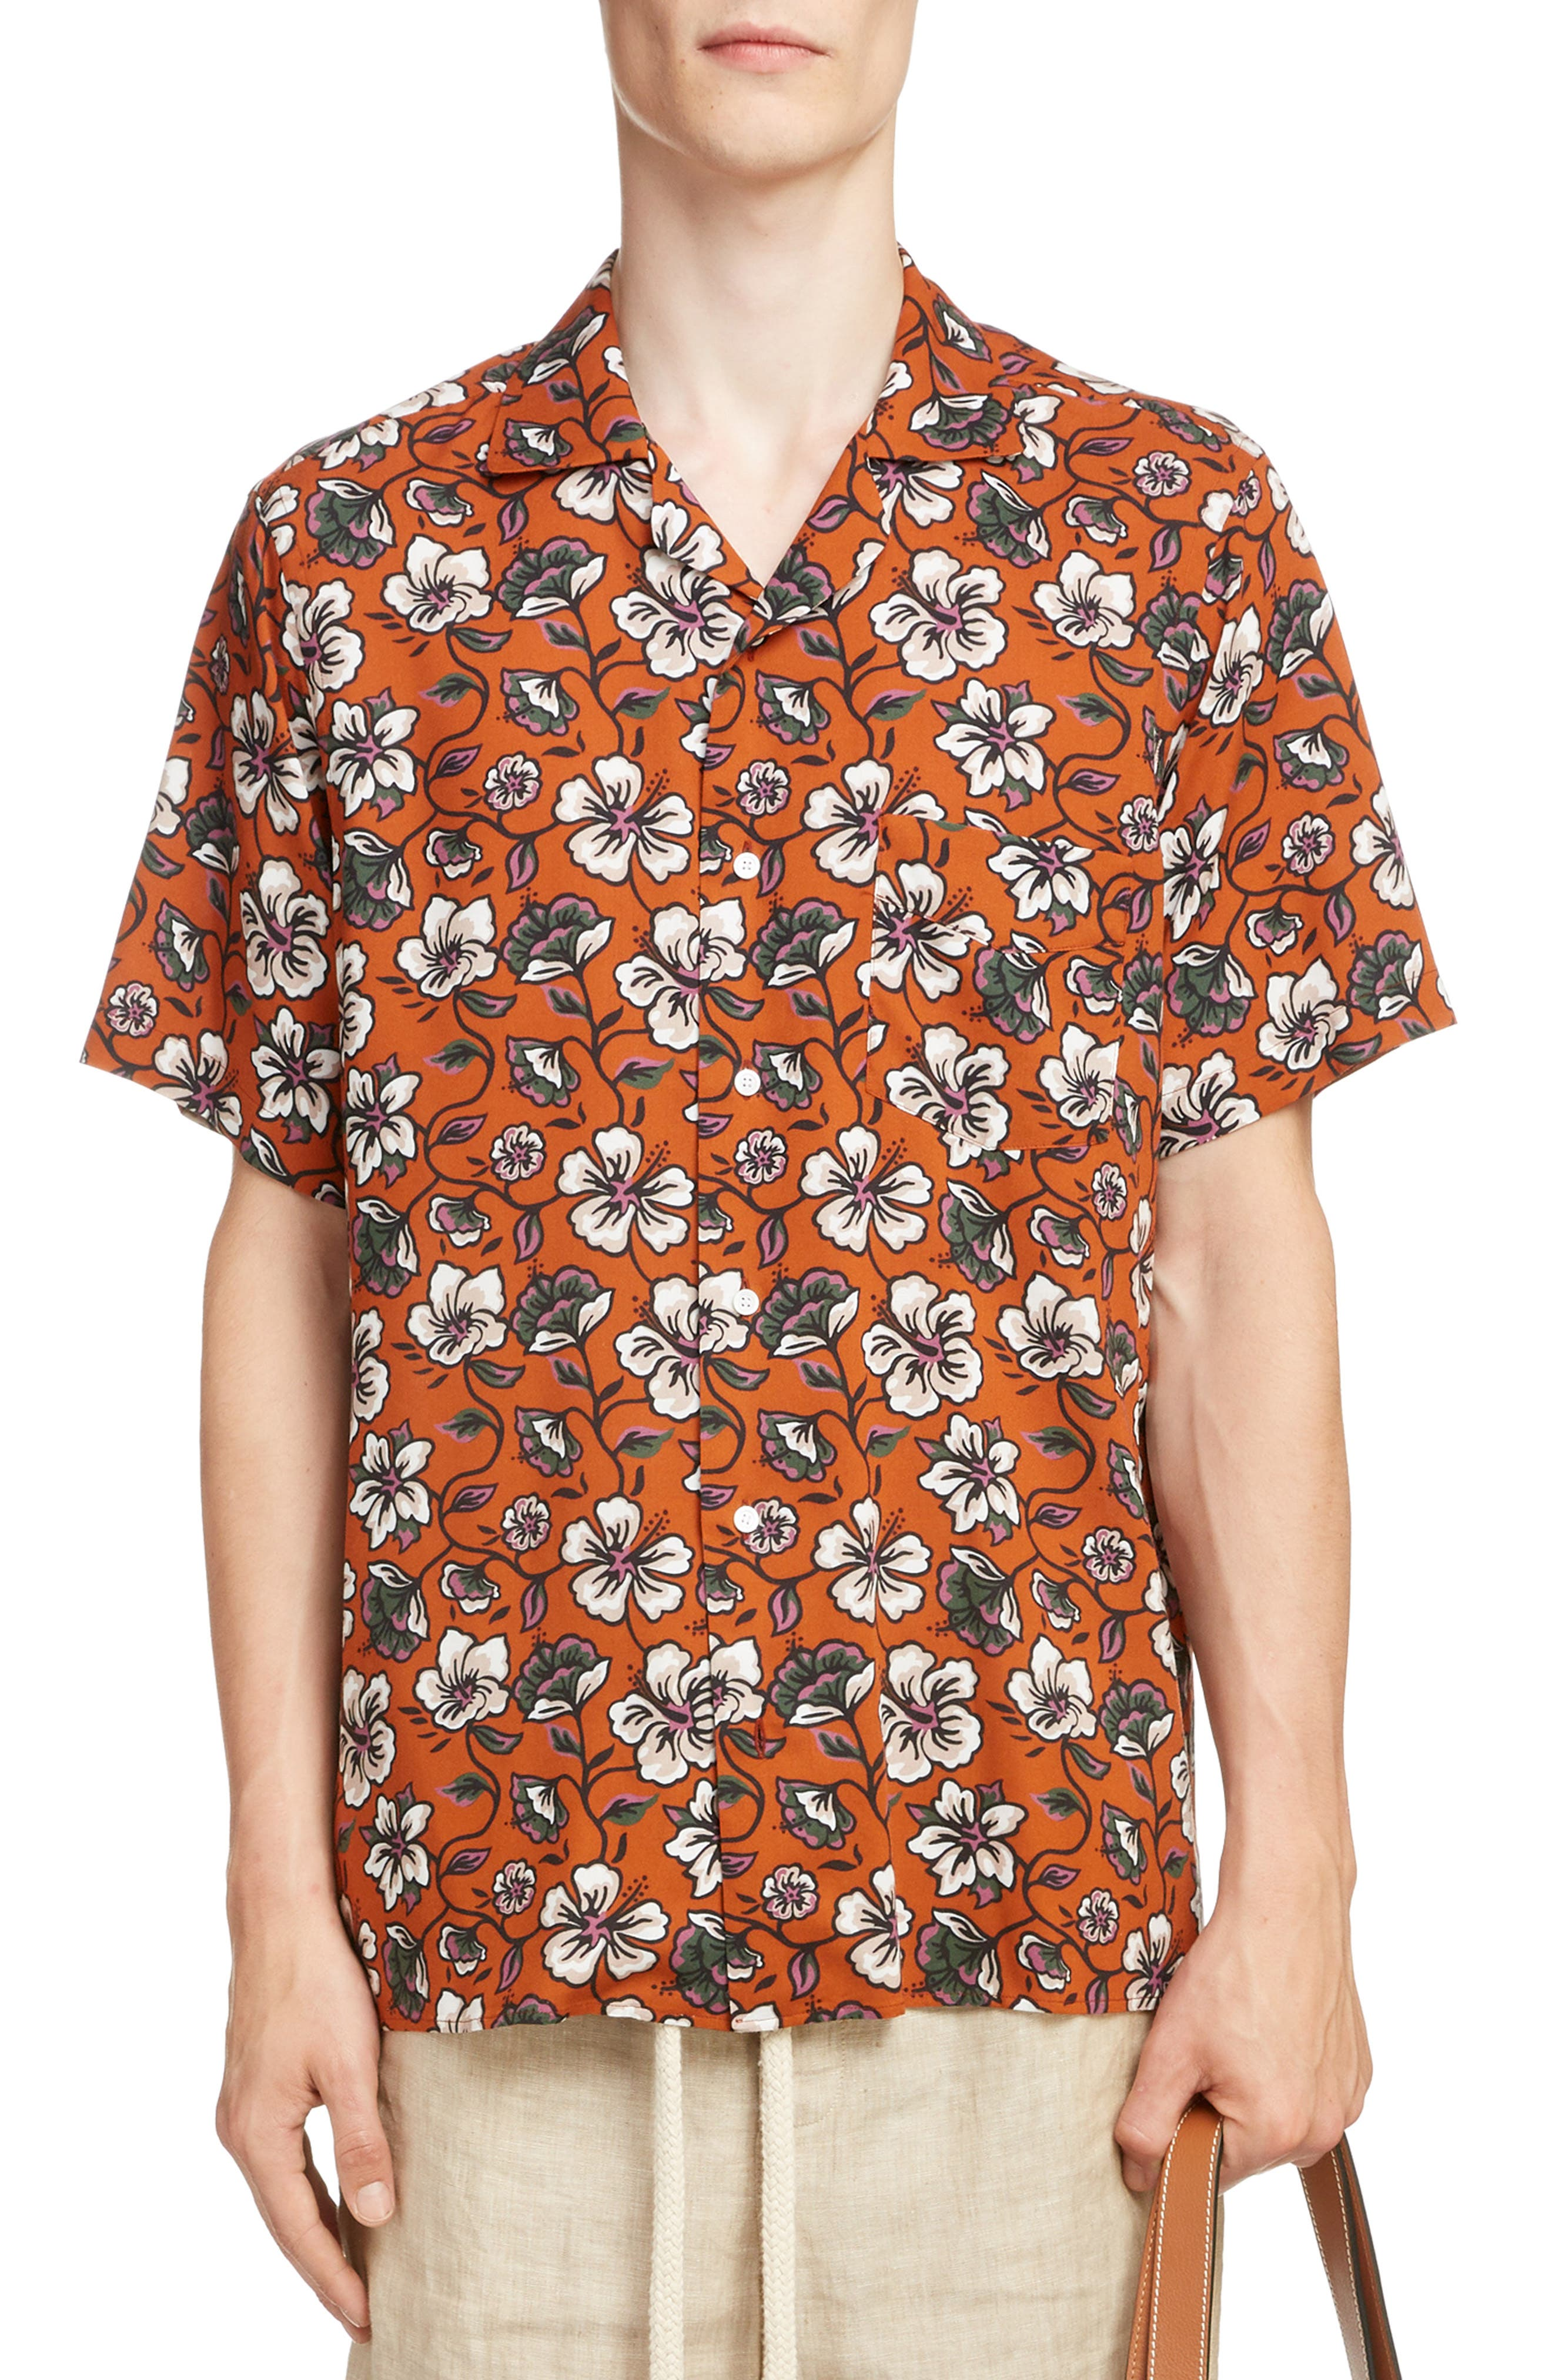 LOEWE Floral Print Camp Shirt, Main, color, 2103-WHITE/ BROWN